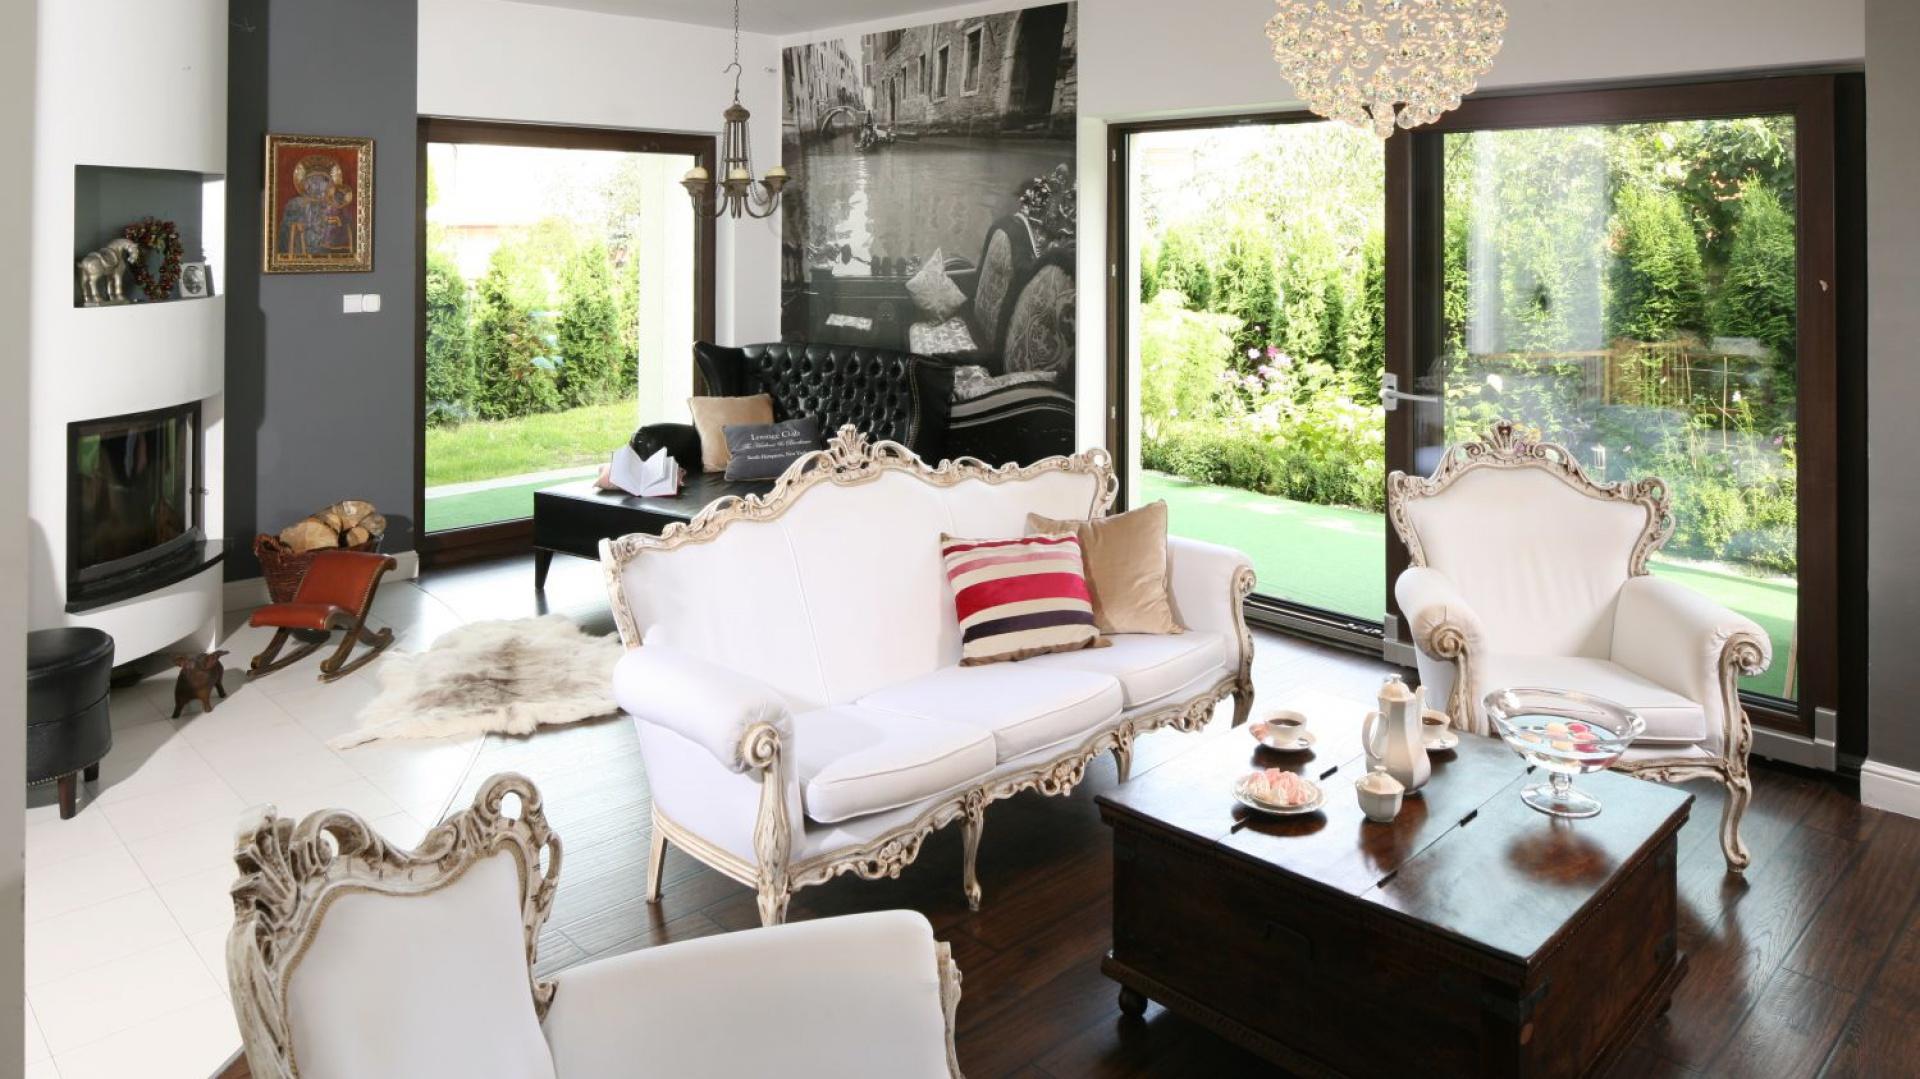 Białe stylowe meble, które projektantka sprowadziła z Belgii, a następnie odrestaurowała to perełki w aranżacji tego salonu. Projekt: Magdalena Konochowicz. Fot. Bartosz Jarosz.